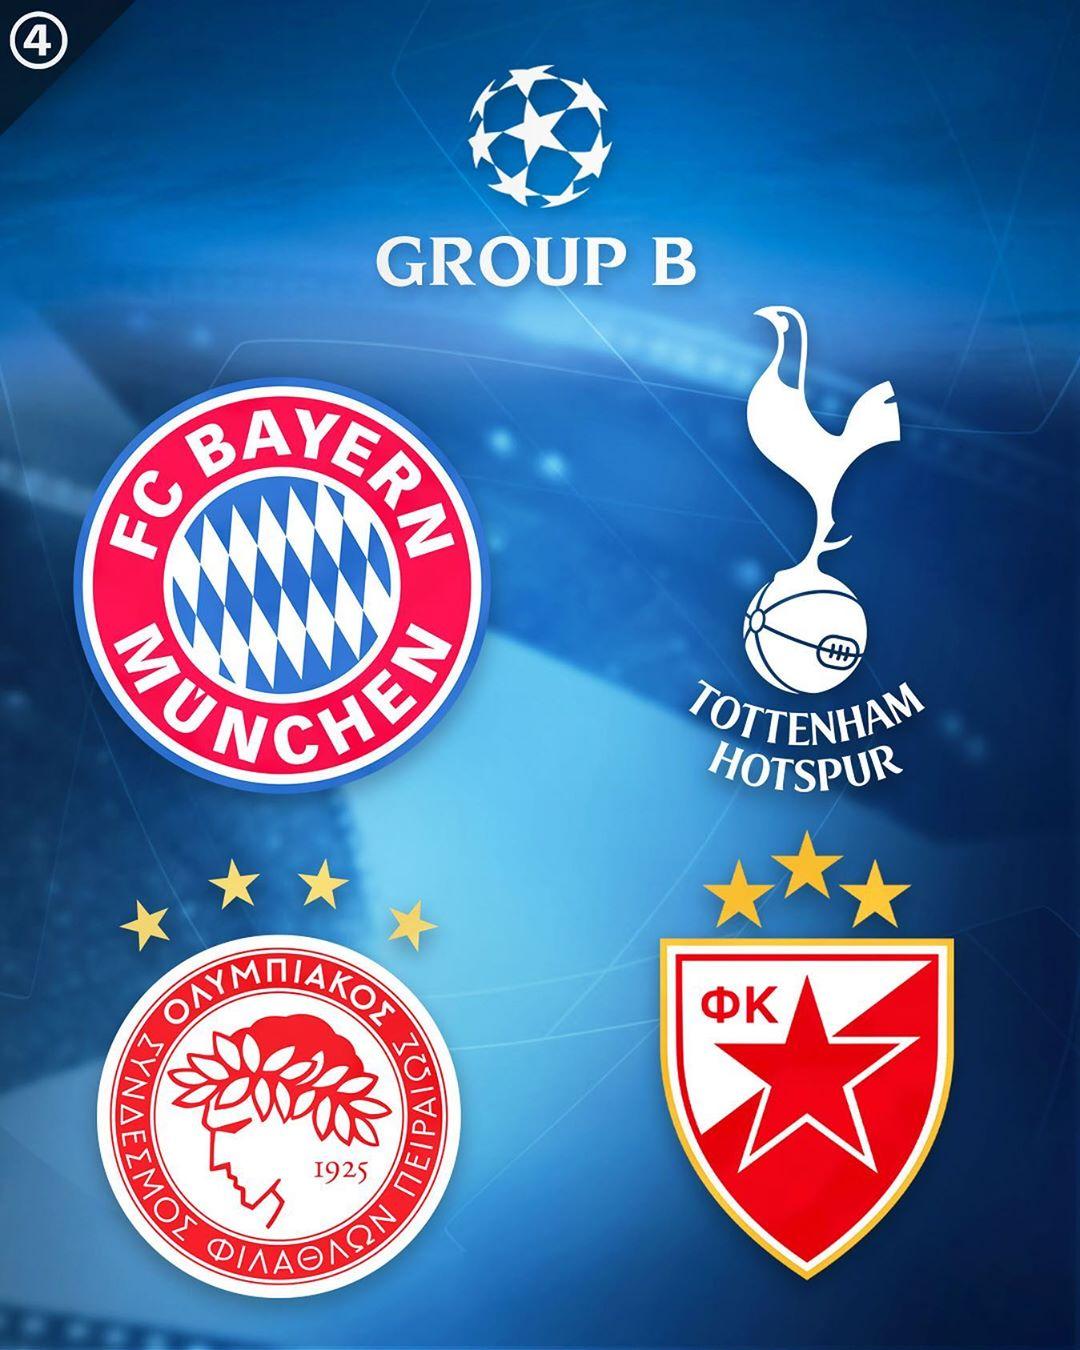 Кто вышел в групповой этап лиги чемпионов в сезоне ЛЧ-2019/20?